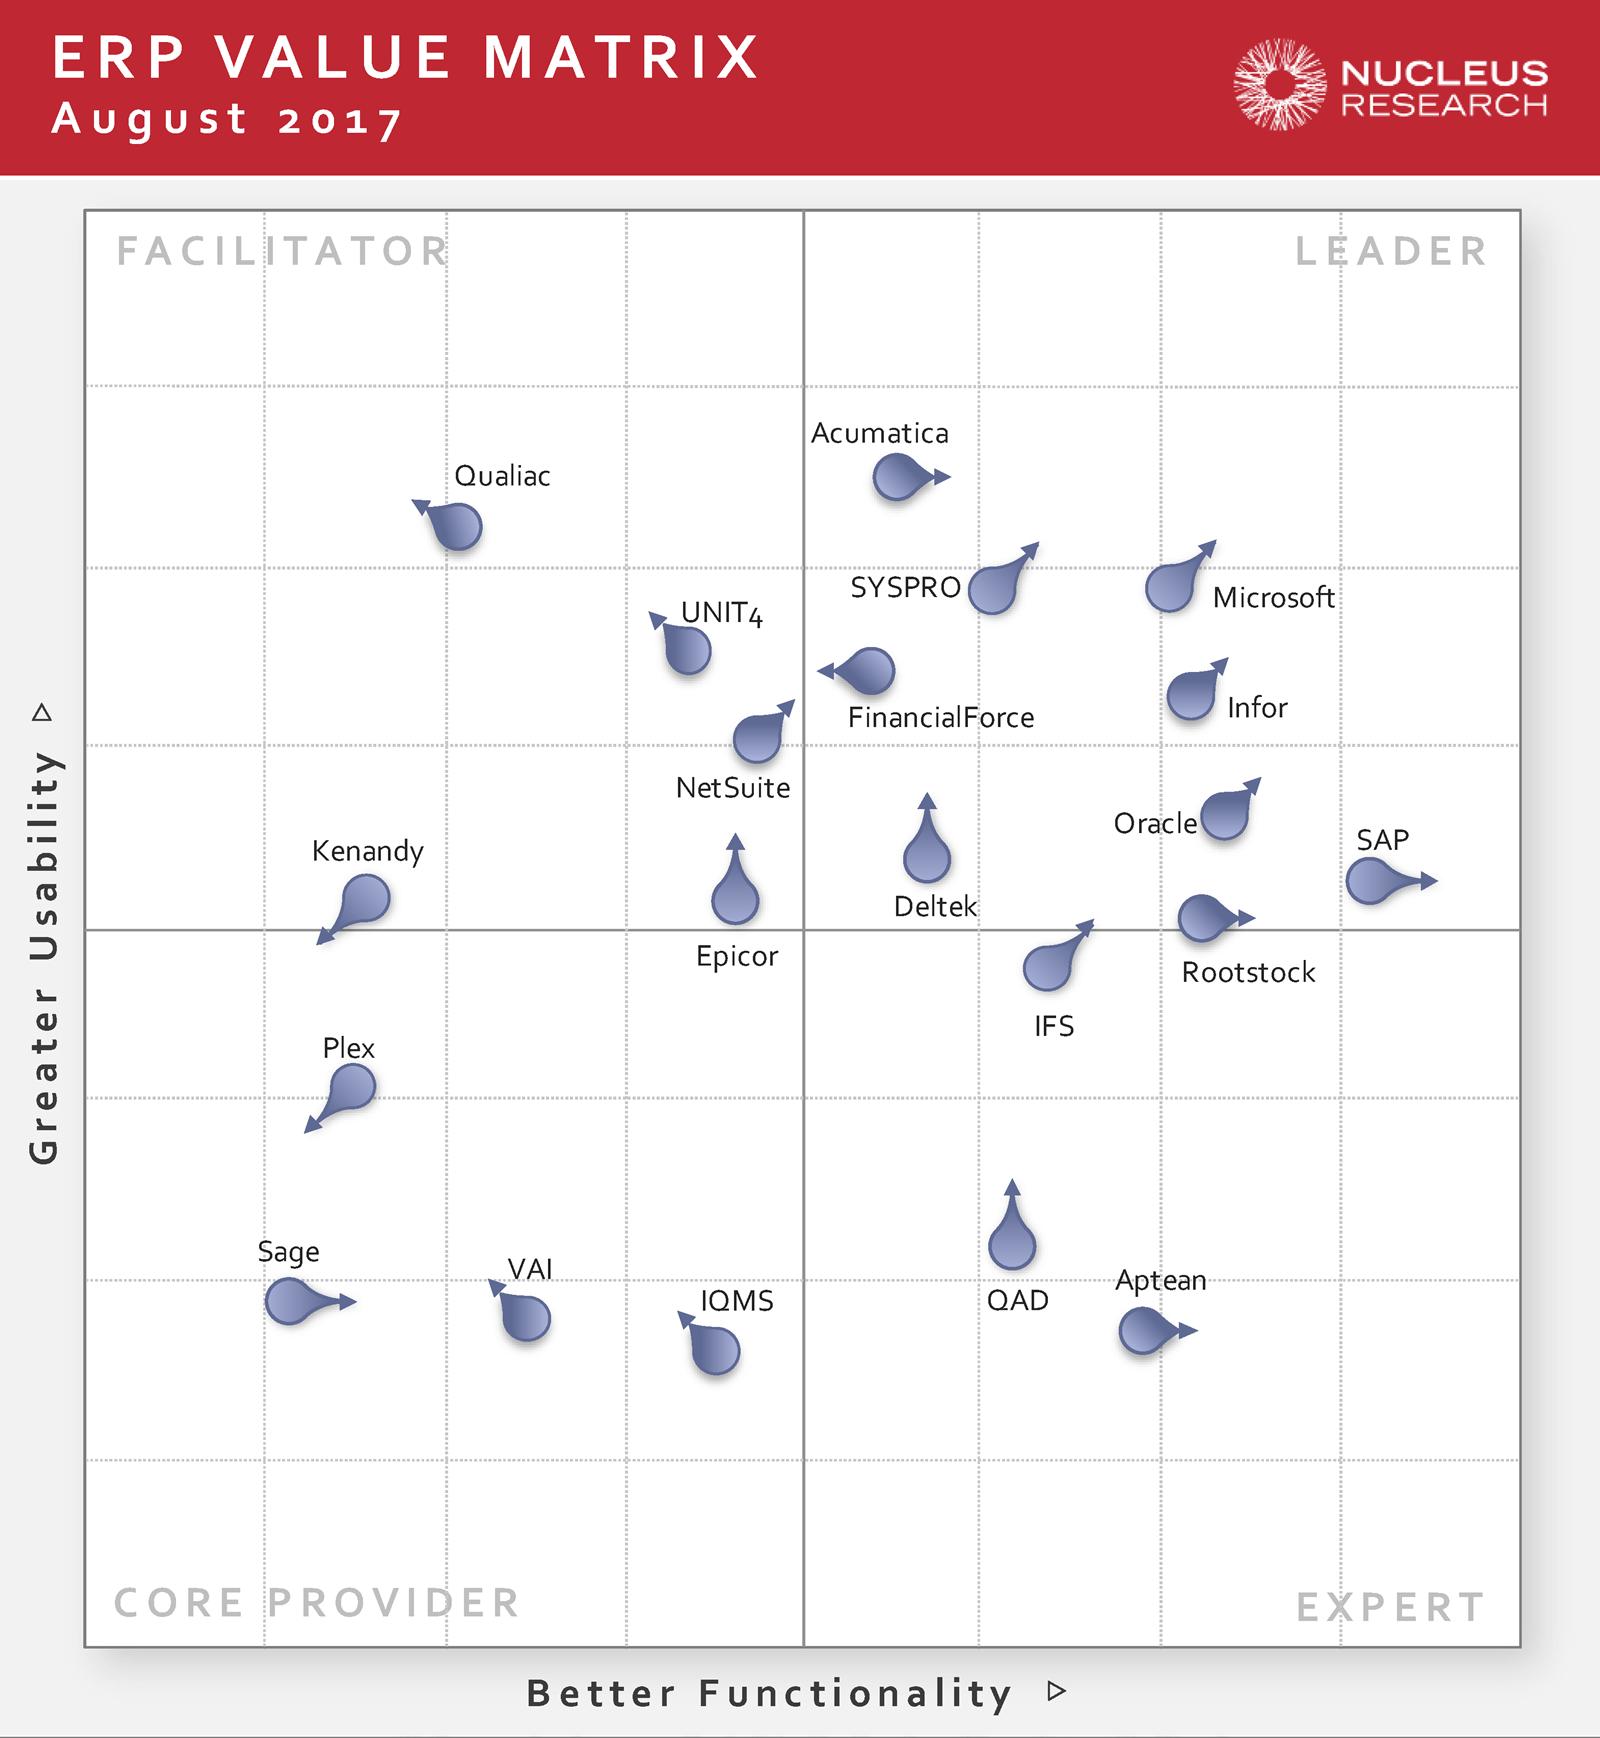 The 2017 ERP Technology Value Matrix